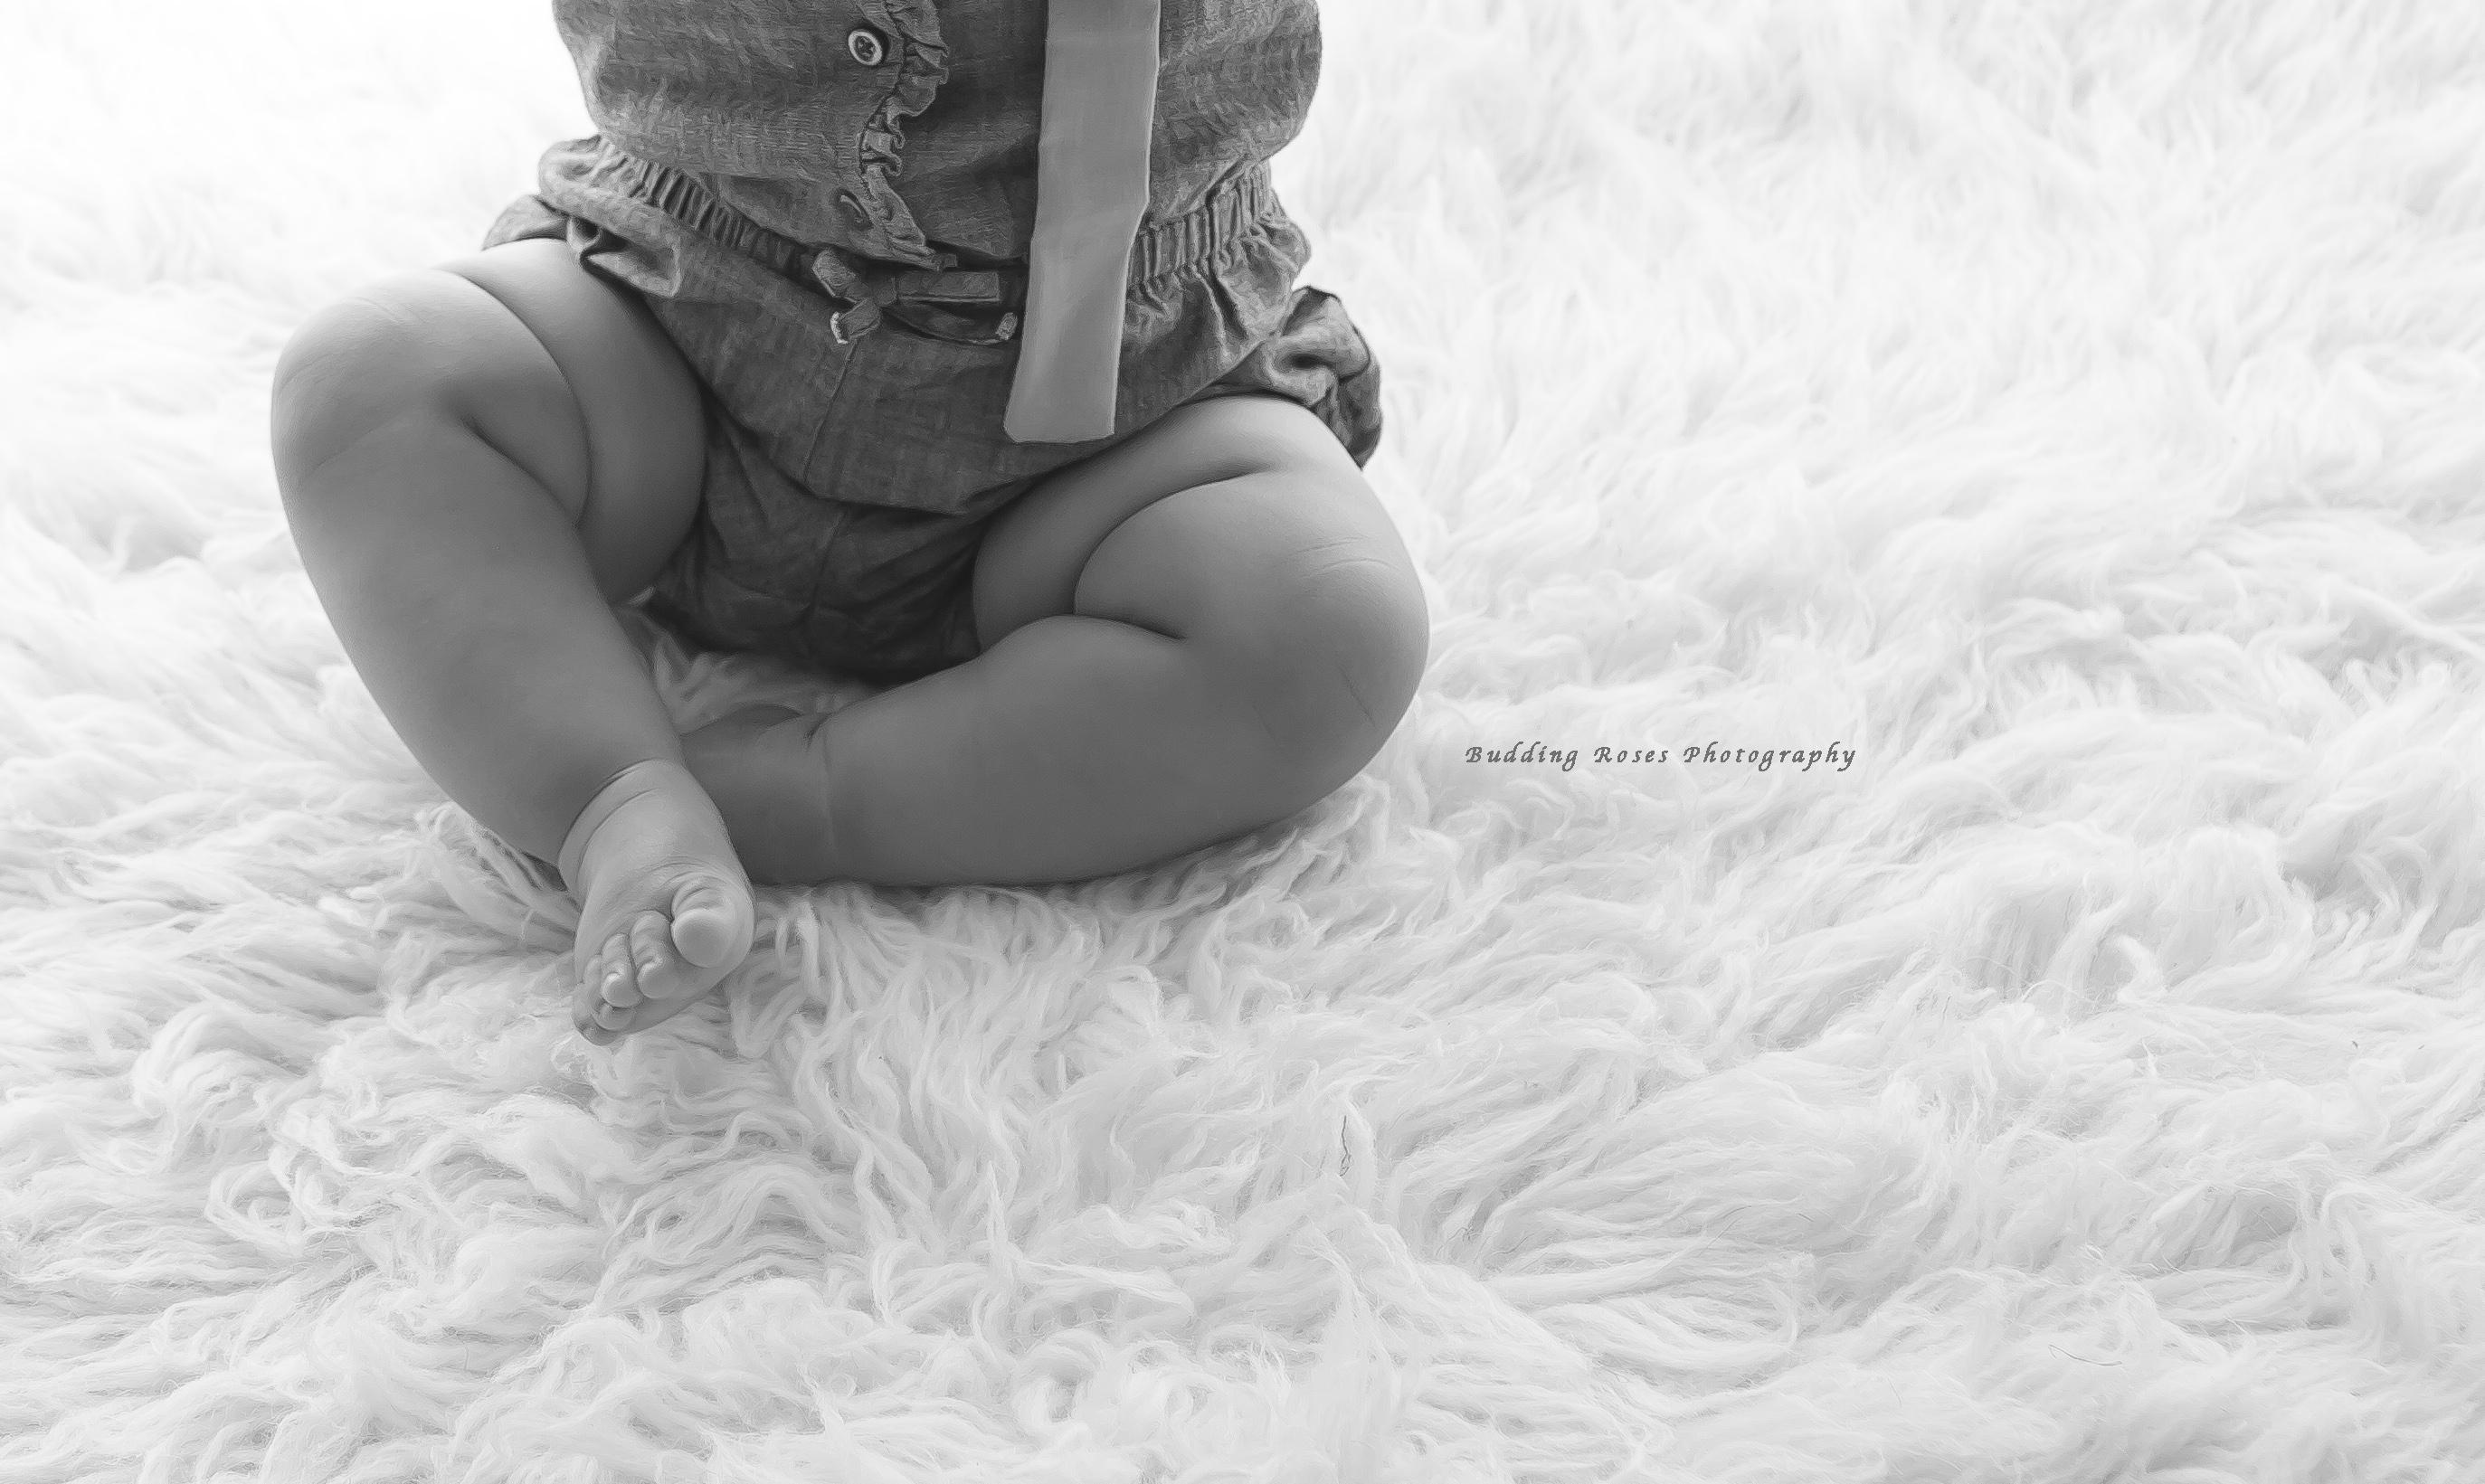 sloane 1 year photo session, child photo, child session, nj photographer, photographer, milestone session